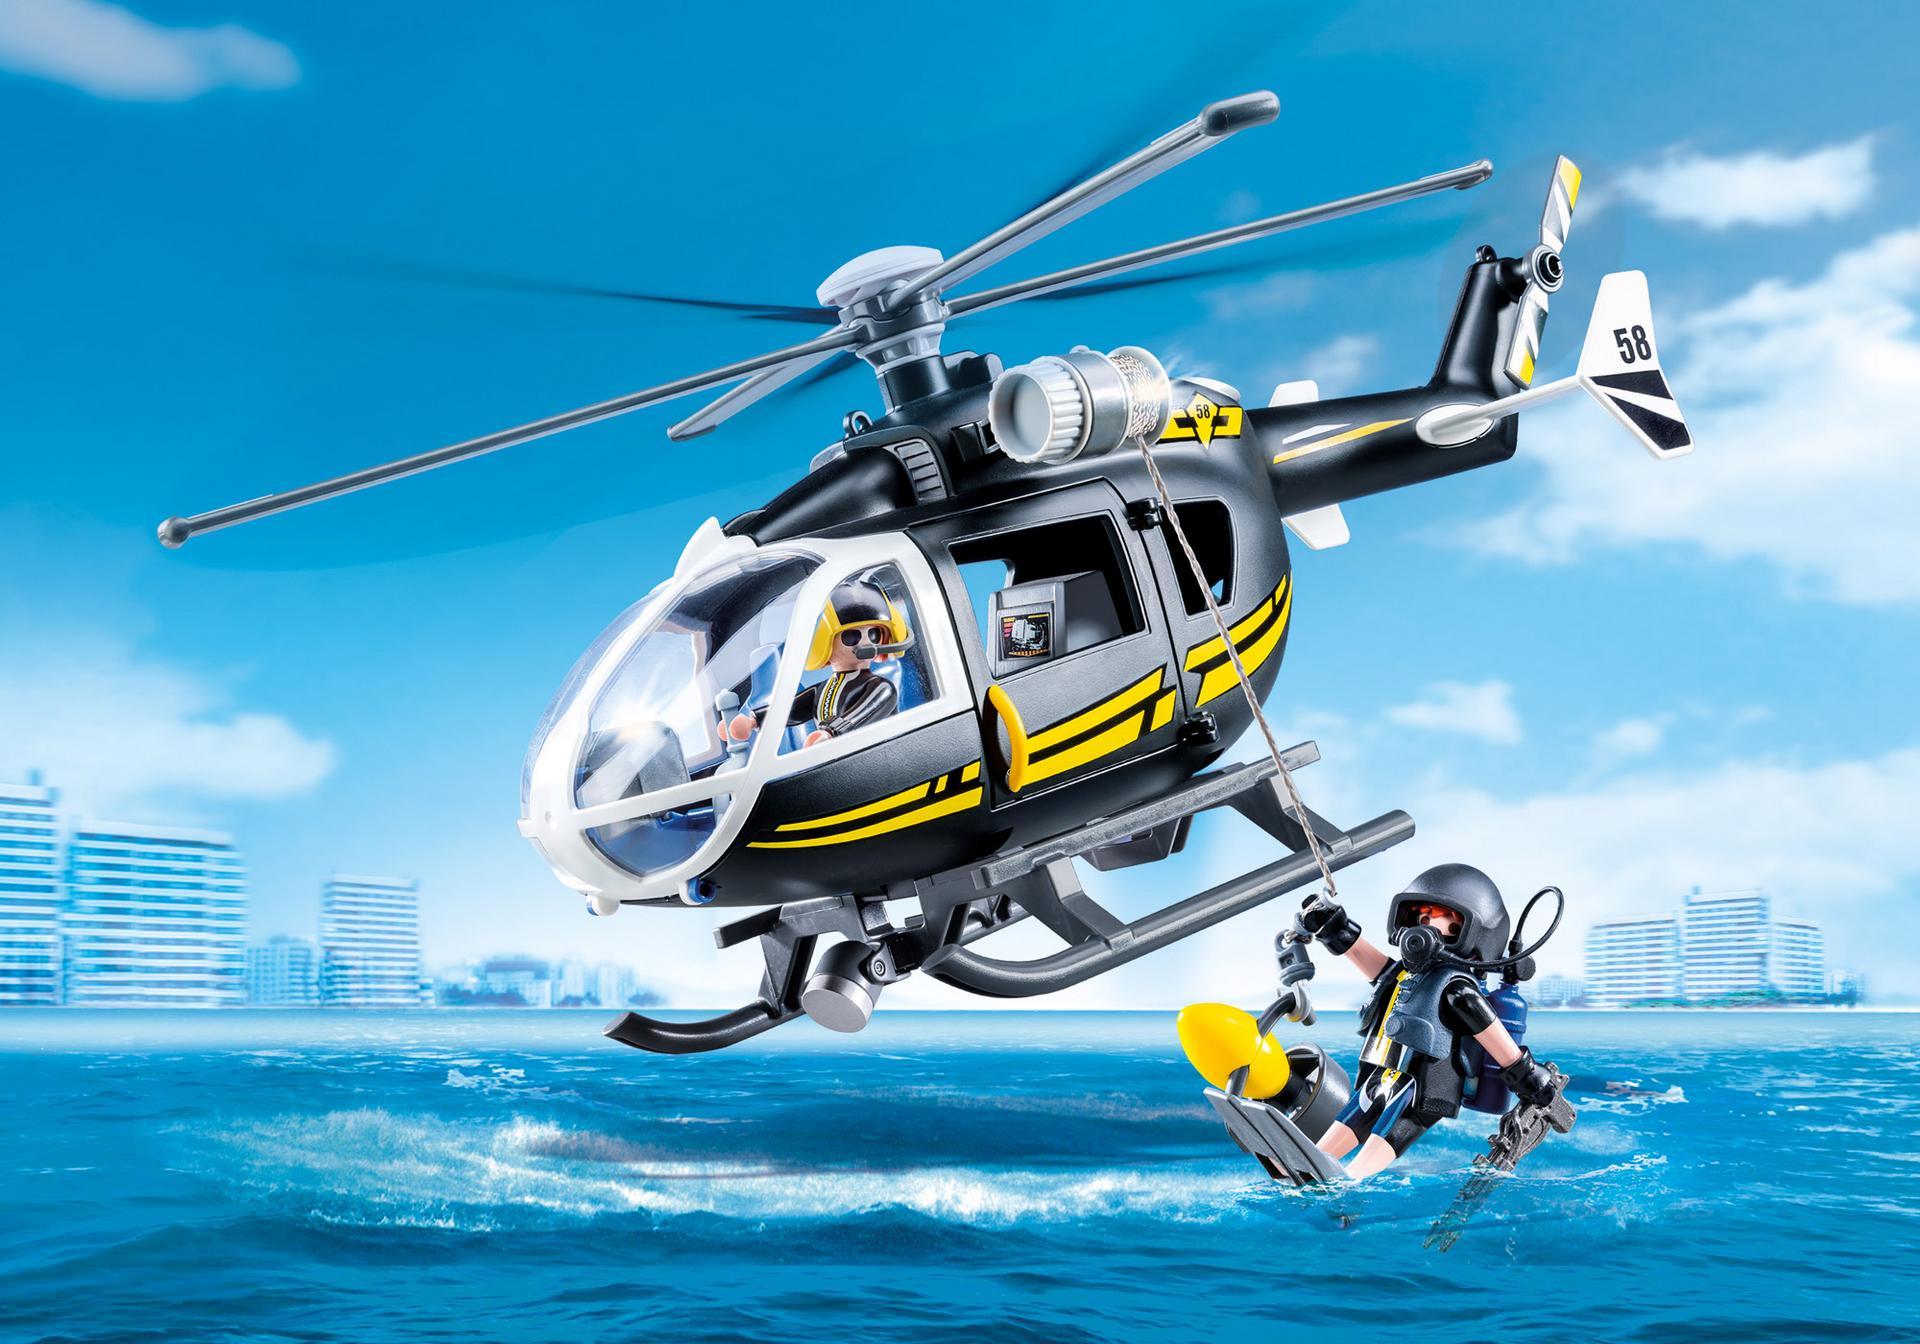 Elicottero 007 : Elicottero unità speciale con sommozzatore 9363 playmobil® italia